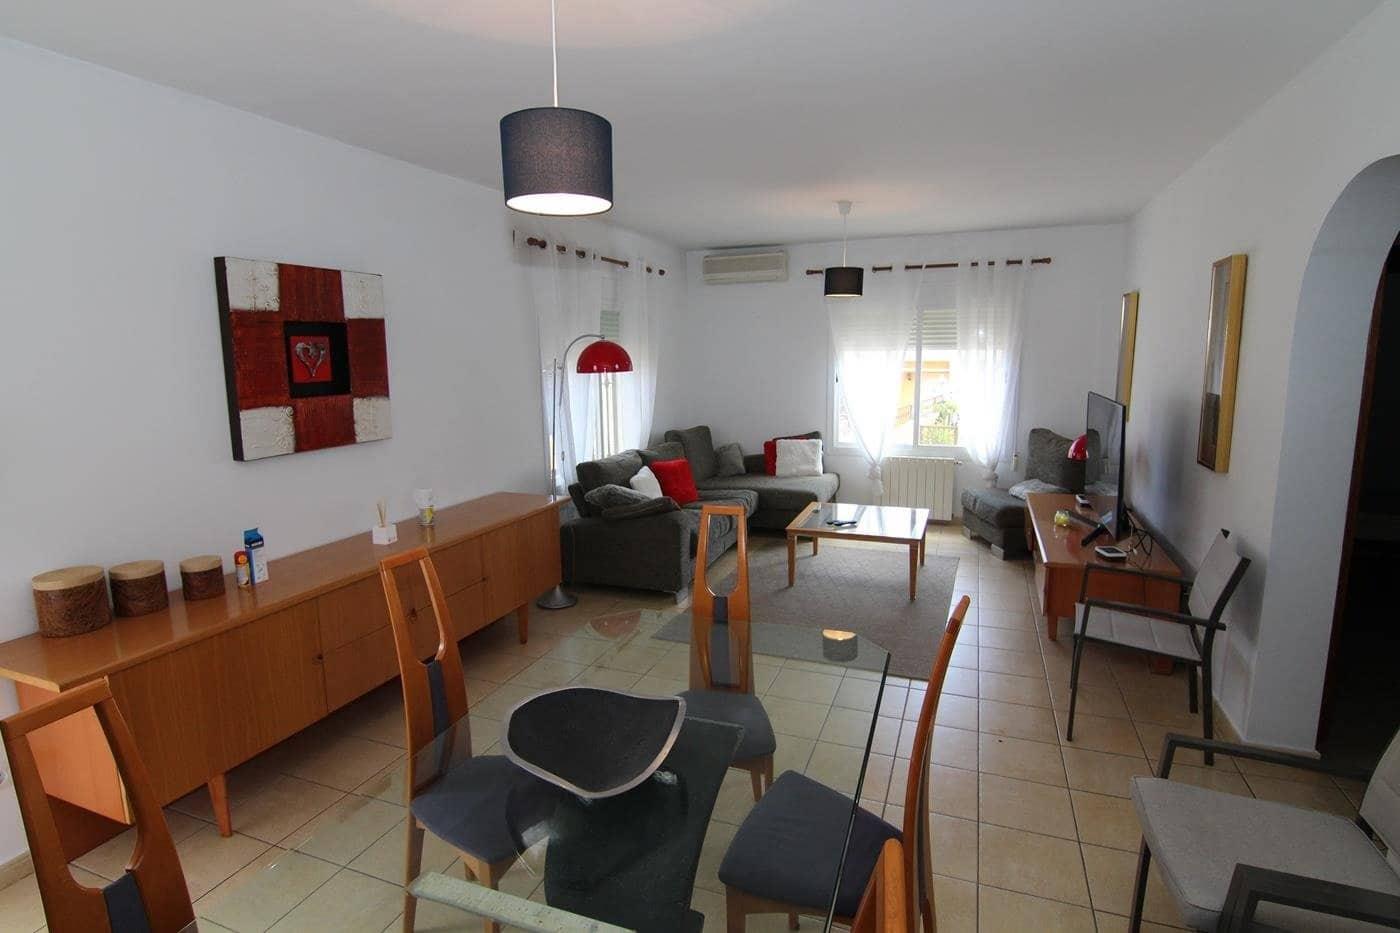 3 slaapkamer Rijtjeshuis te huur in Alcalali / Alcanali met zwembad - € 675 (Ref: 4264077)